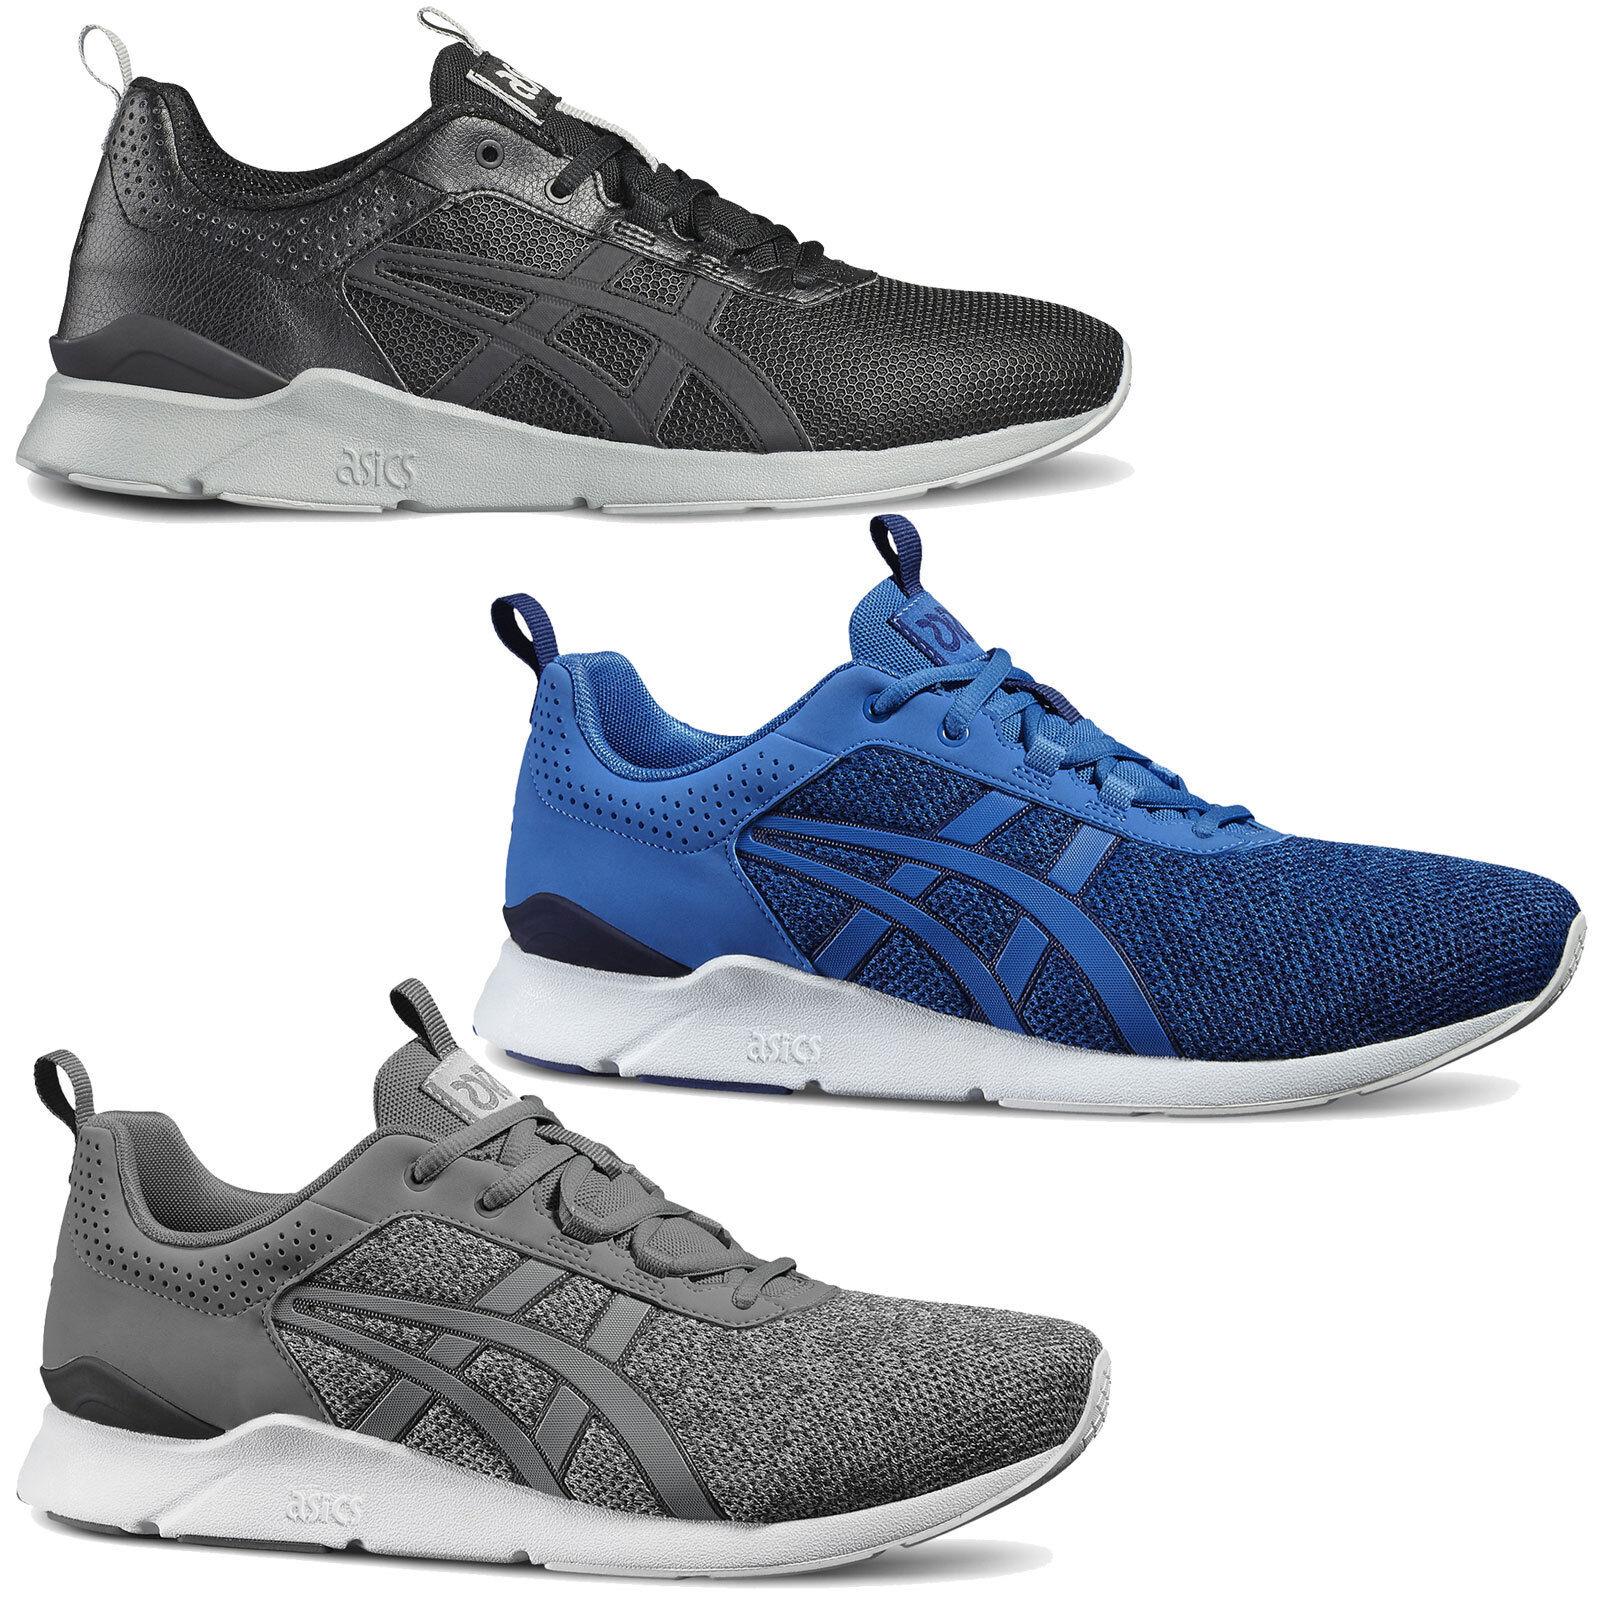 Asics Tiger Gel-Lyte Runner Unisex-Turnschuhe Turnschuhe Halbschuhe Sport-Schuhe